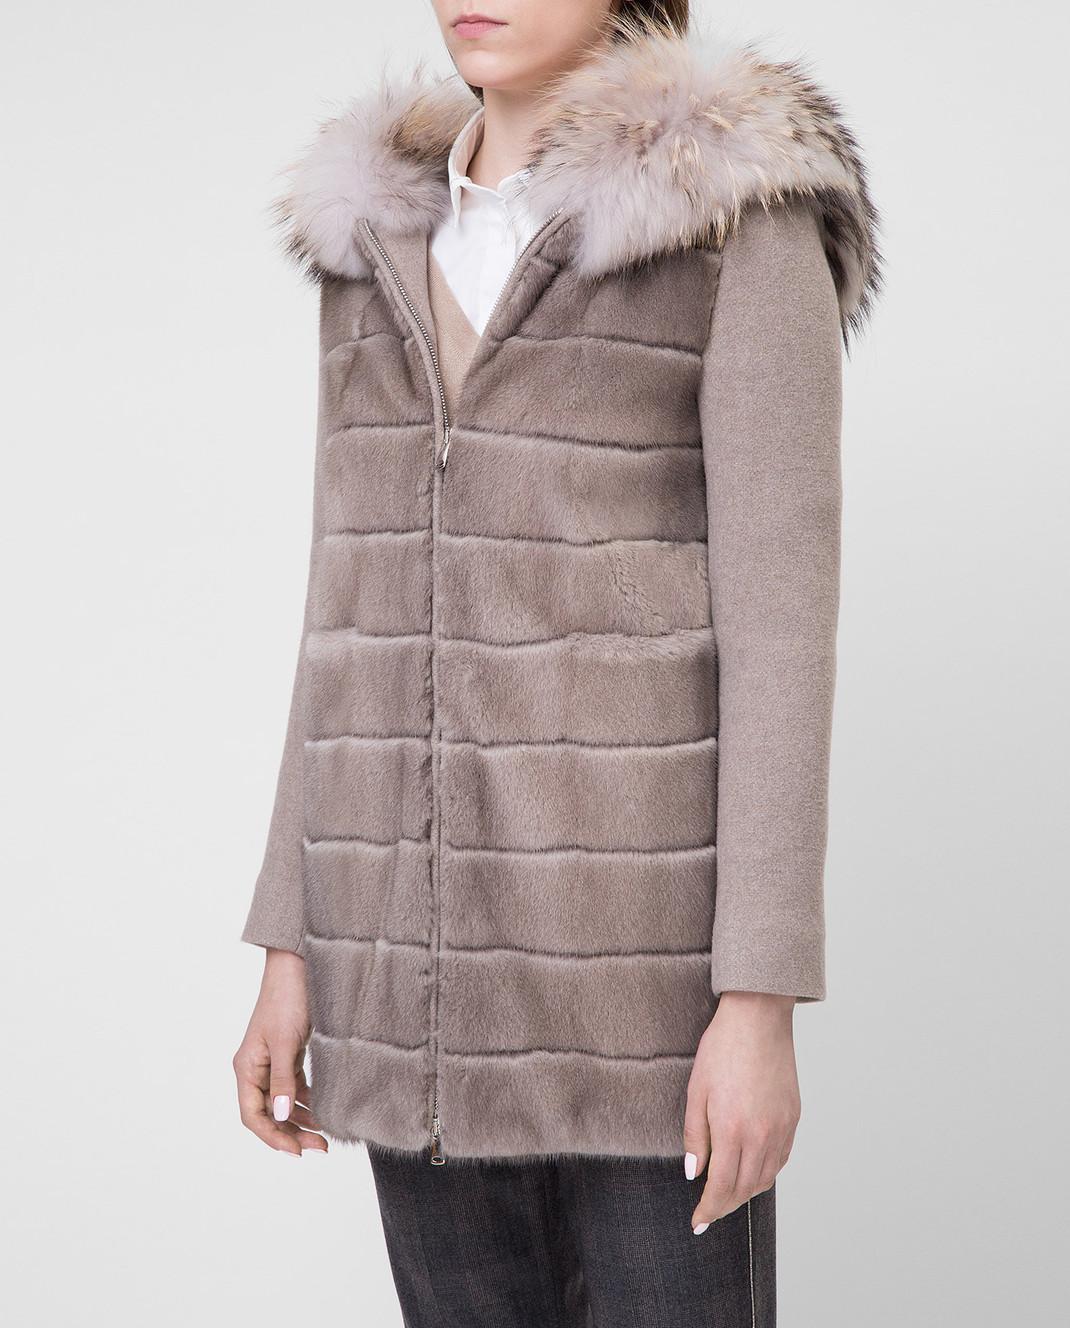 Real Furs House Бежевое пальто с мехом енота 922RFH изображение 3